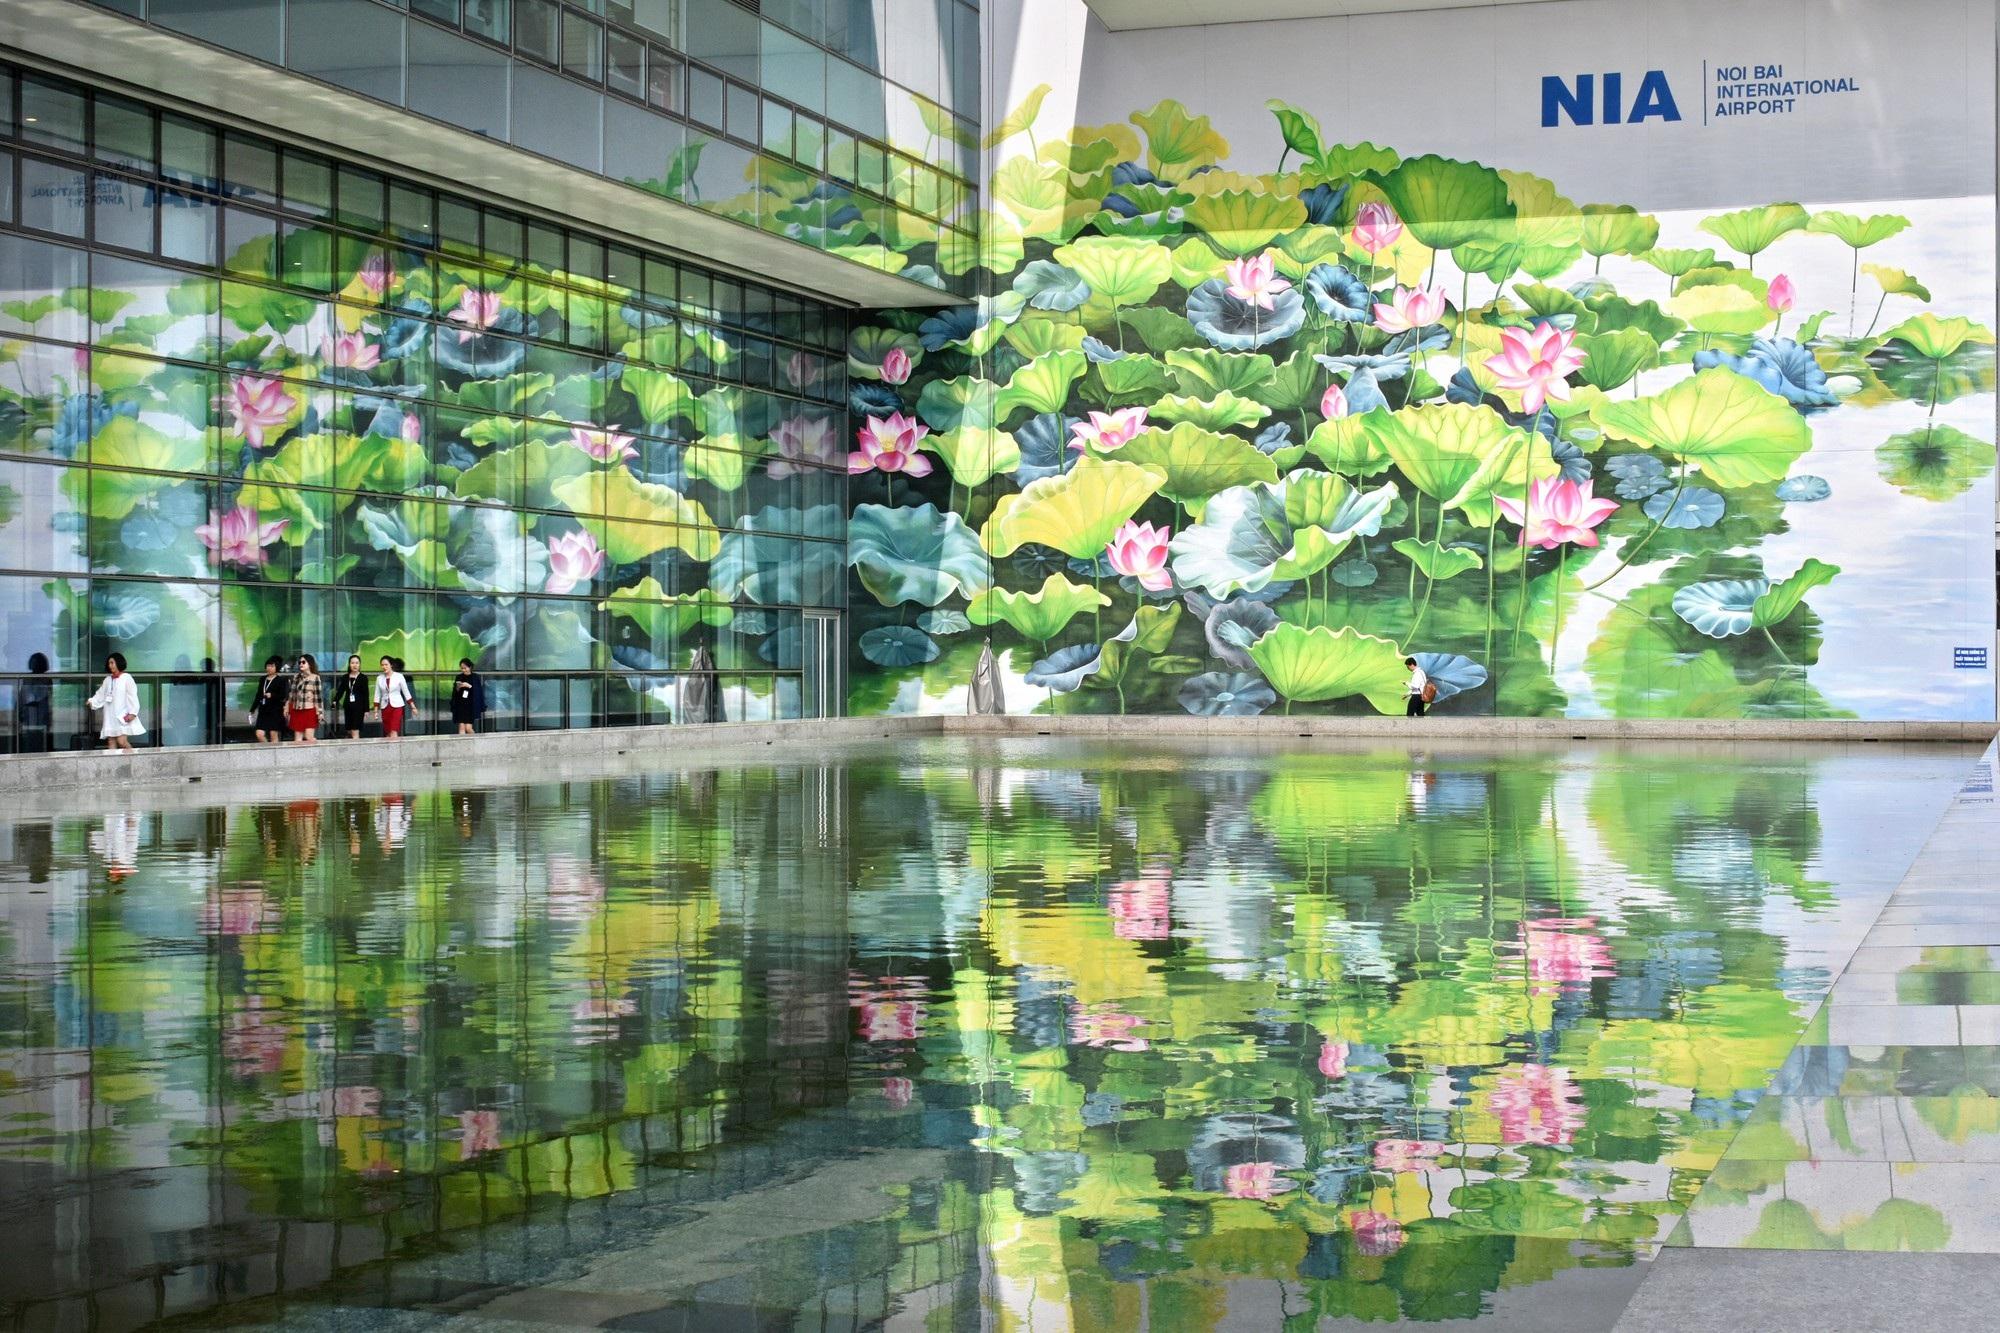 Ngỡ ngàng trước hai bức tranh hoa sen khổng lồ tại sân bay Nội Bài - Ảnh 3.